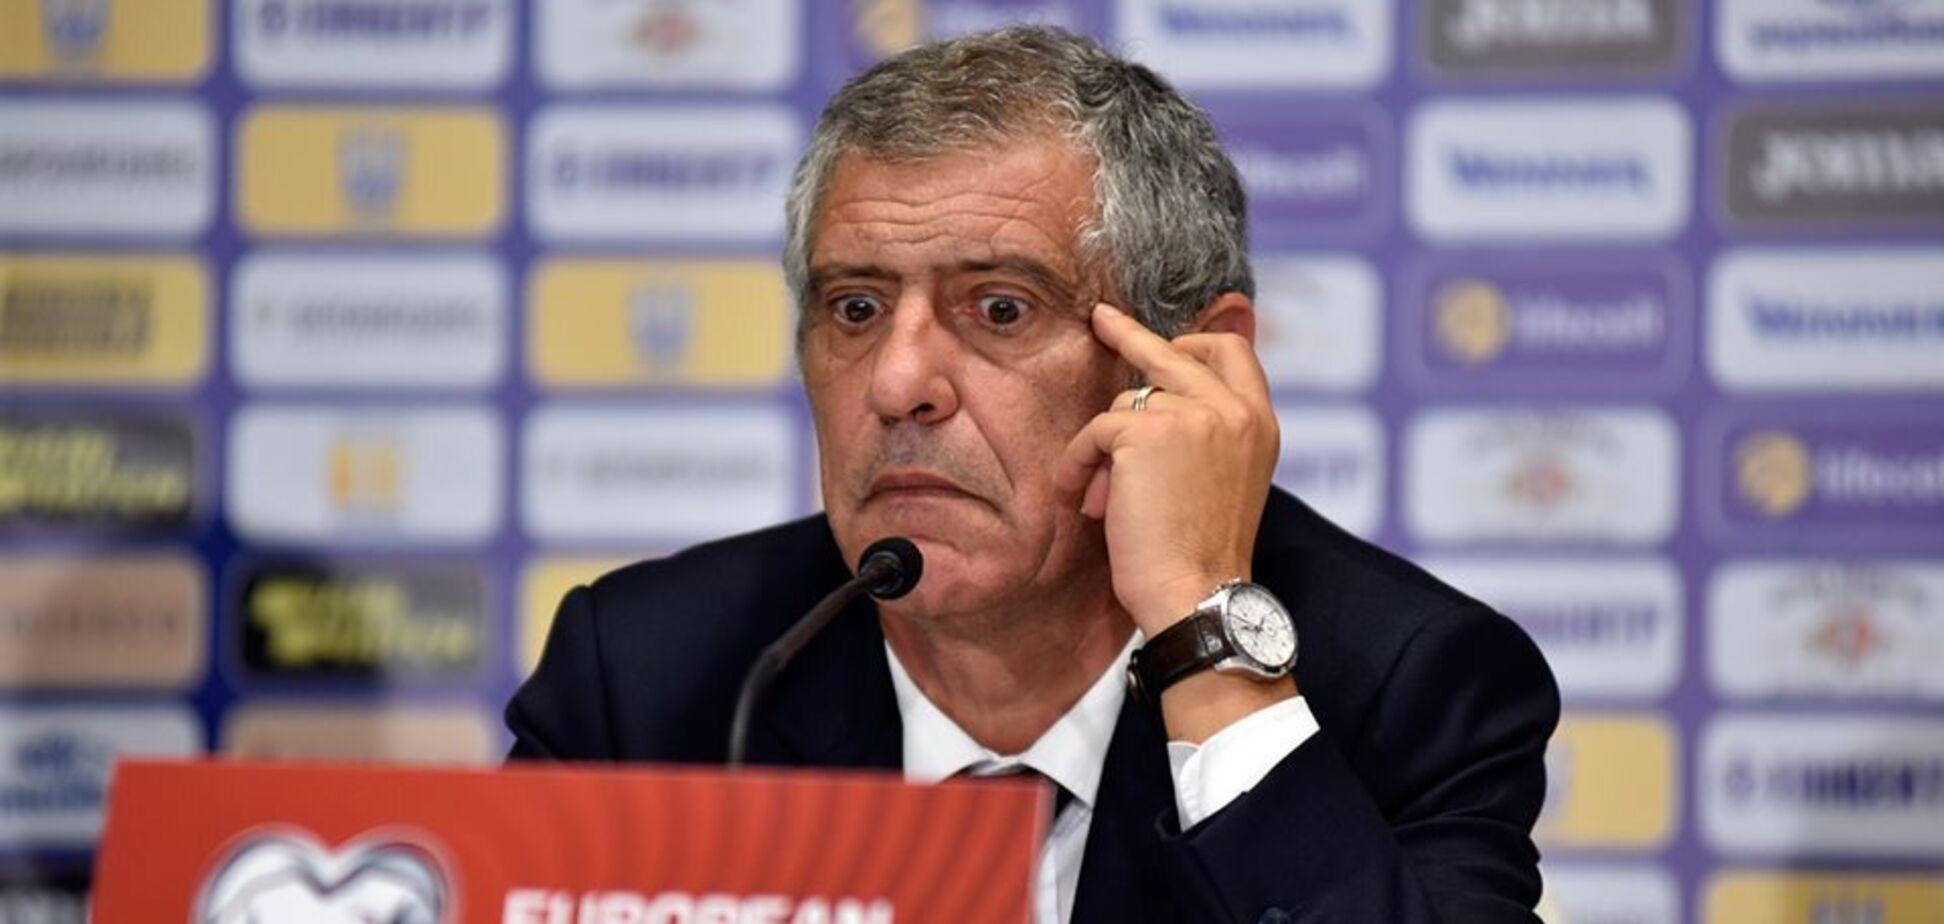 Тренер збірної Португалії знайшов безглузду відмазку після поразки від України